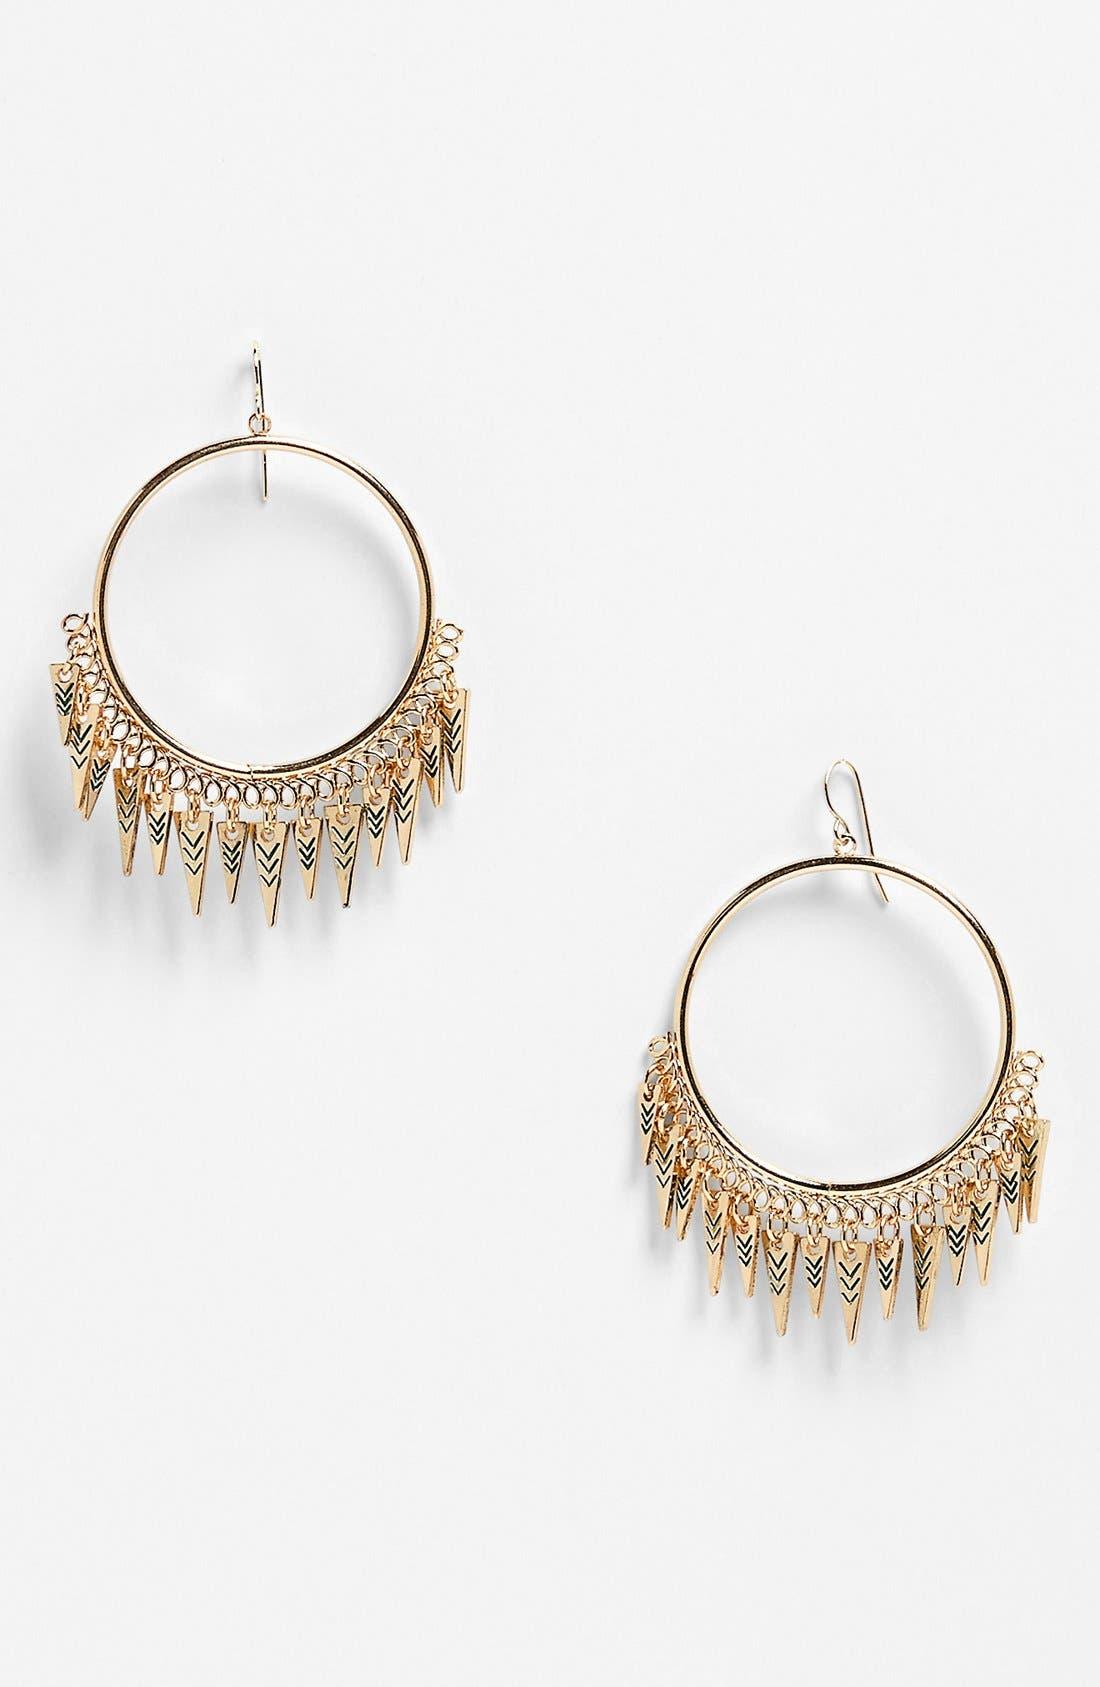 Alternate Image 1 Selected - Devan 'Free Spirit' Hoop Earrings